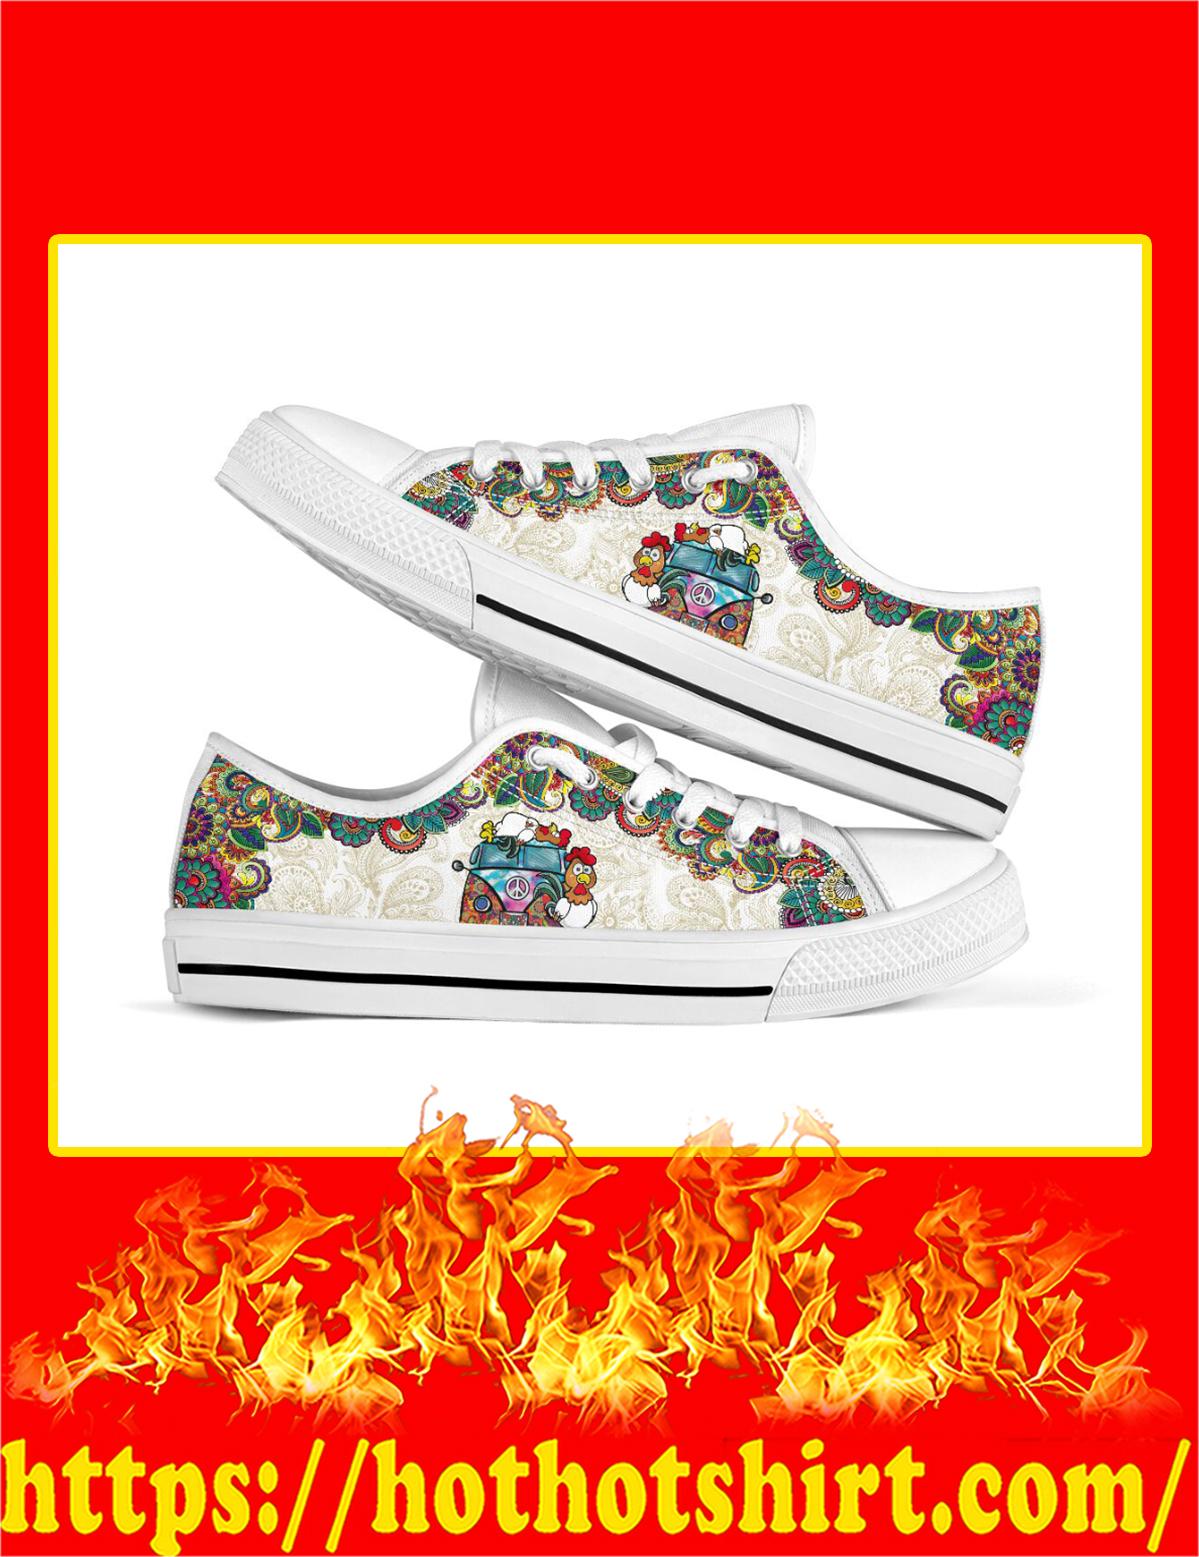 Chicken Hippie Van Low Top Shoes - Pic 1